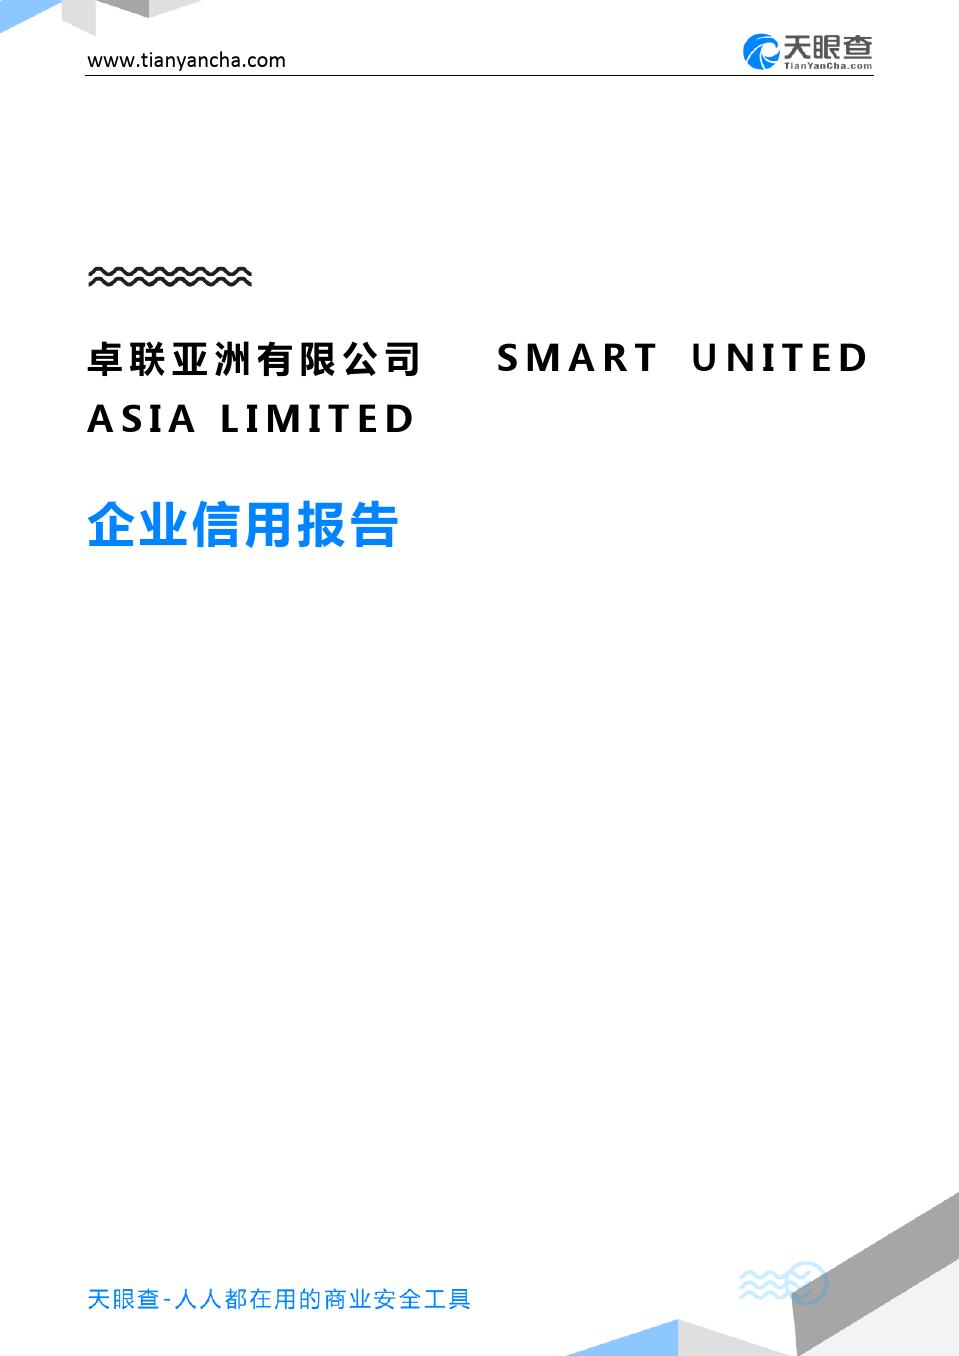 卓联亚洲有限公司SMART UNITED ASIA LIMITED企业信用报告-天眼查